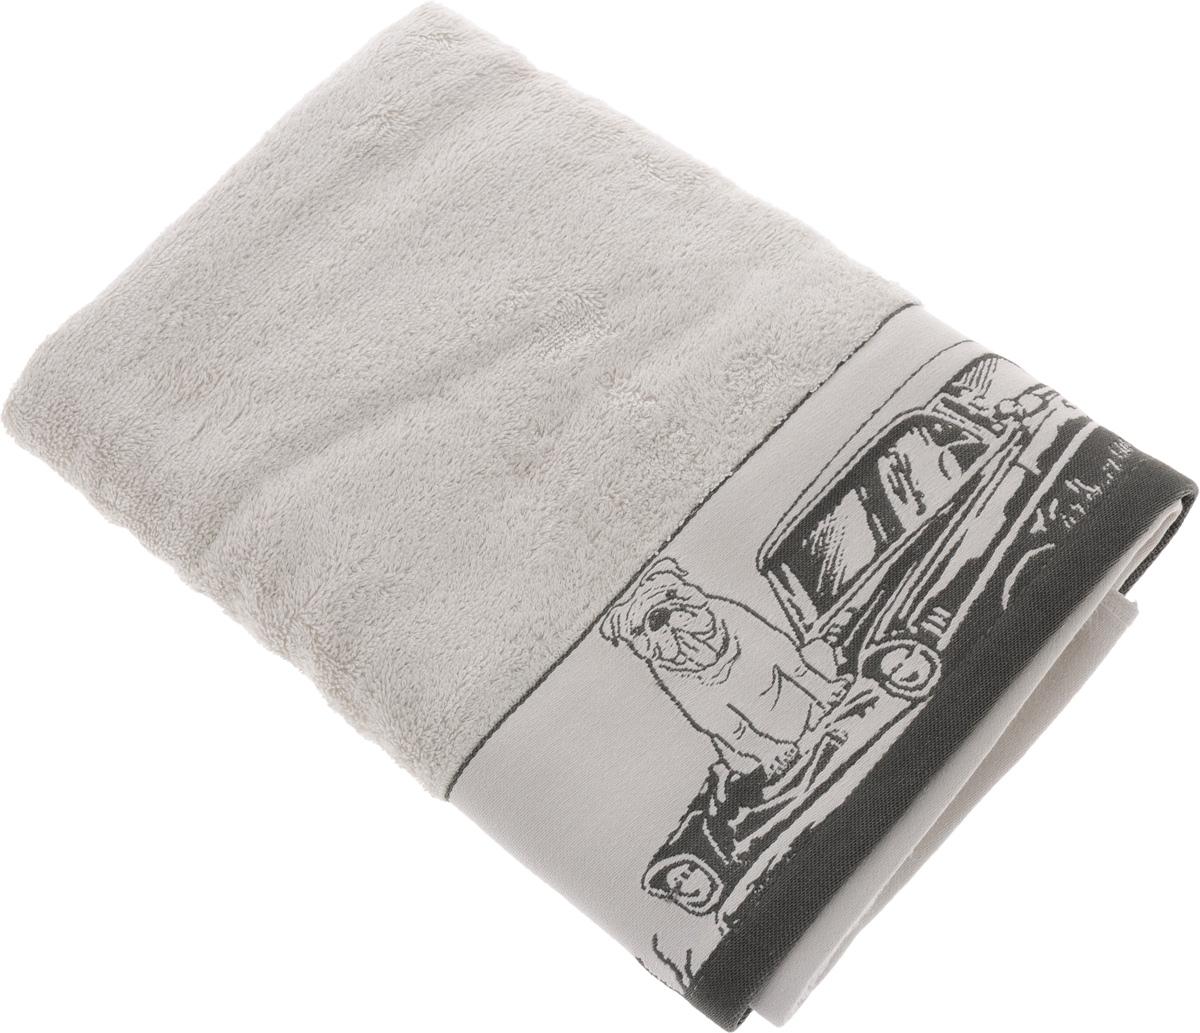 Полотенце Mona Liza Pet, цвет: светло-серый, серый, 70 х 140 см529672/2Мягкое полотенце Pet изготовлено из 30% хлопка и 70% бамбукового волокна. Полотенце Pet с жаккардовым бордюром обладает высокой впитывающей способностью и сочетает в себе элегантную роскошь и практичность. Благодаря высокому качеству изготовления, полотенце будет радовать вас многие годы. Мотивы коллекции Mona Liza Premium bu Serg Look навеяны итальянскими фресками эпохи Ренессанса, периода удивительной гармонии в искусстве. В представленной коллекции для нанесения на ткань рисунка применяется многоцветная печать, метод реактивного крашения, который позволяет создать уникальную цветовую гамму, напоминающую старинные фрески. Этот метод также обеспечивает высокую устойчивость краски при стирке.